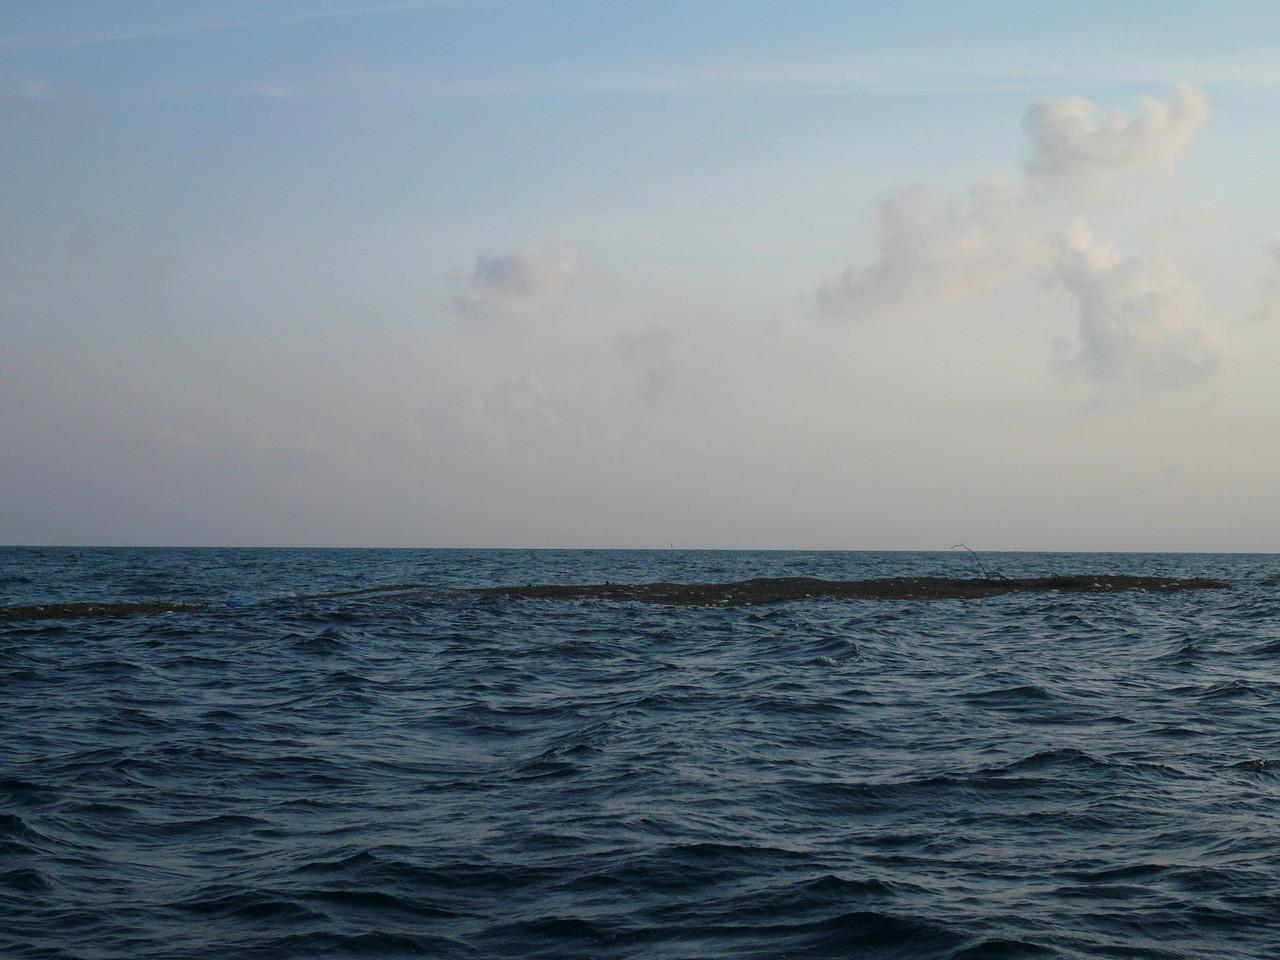 台風15号被害 また16号で被害 大きな材木からゴミまで 海岸に漂着間違い無し